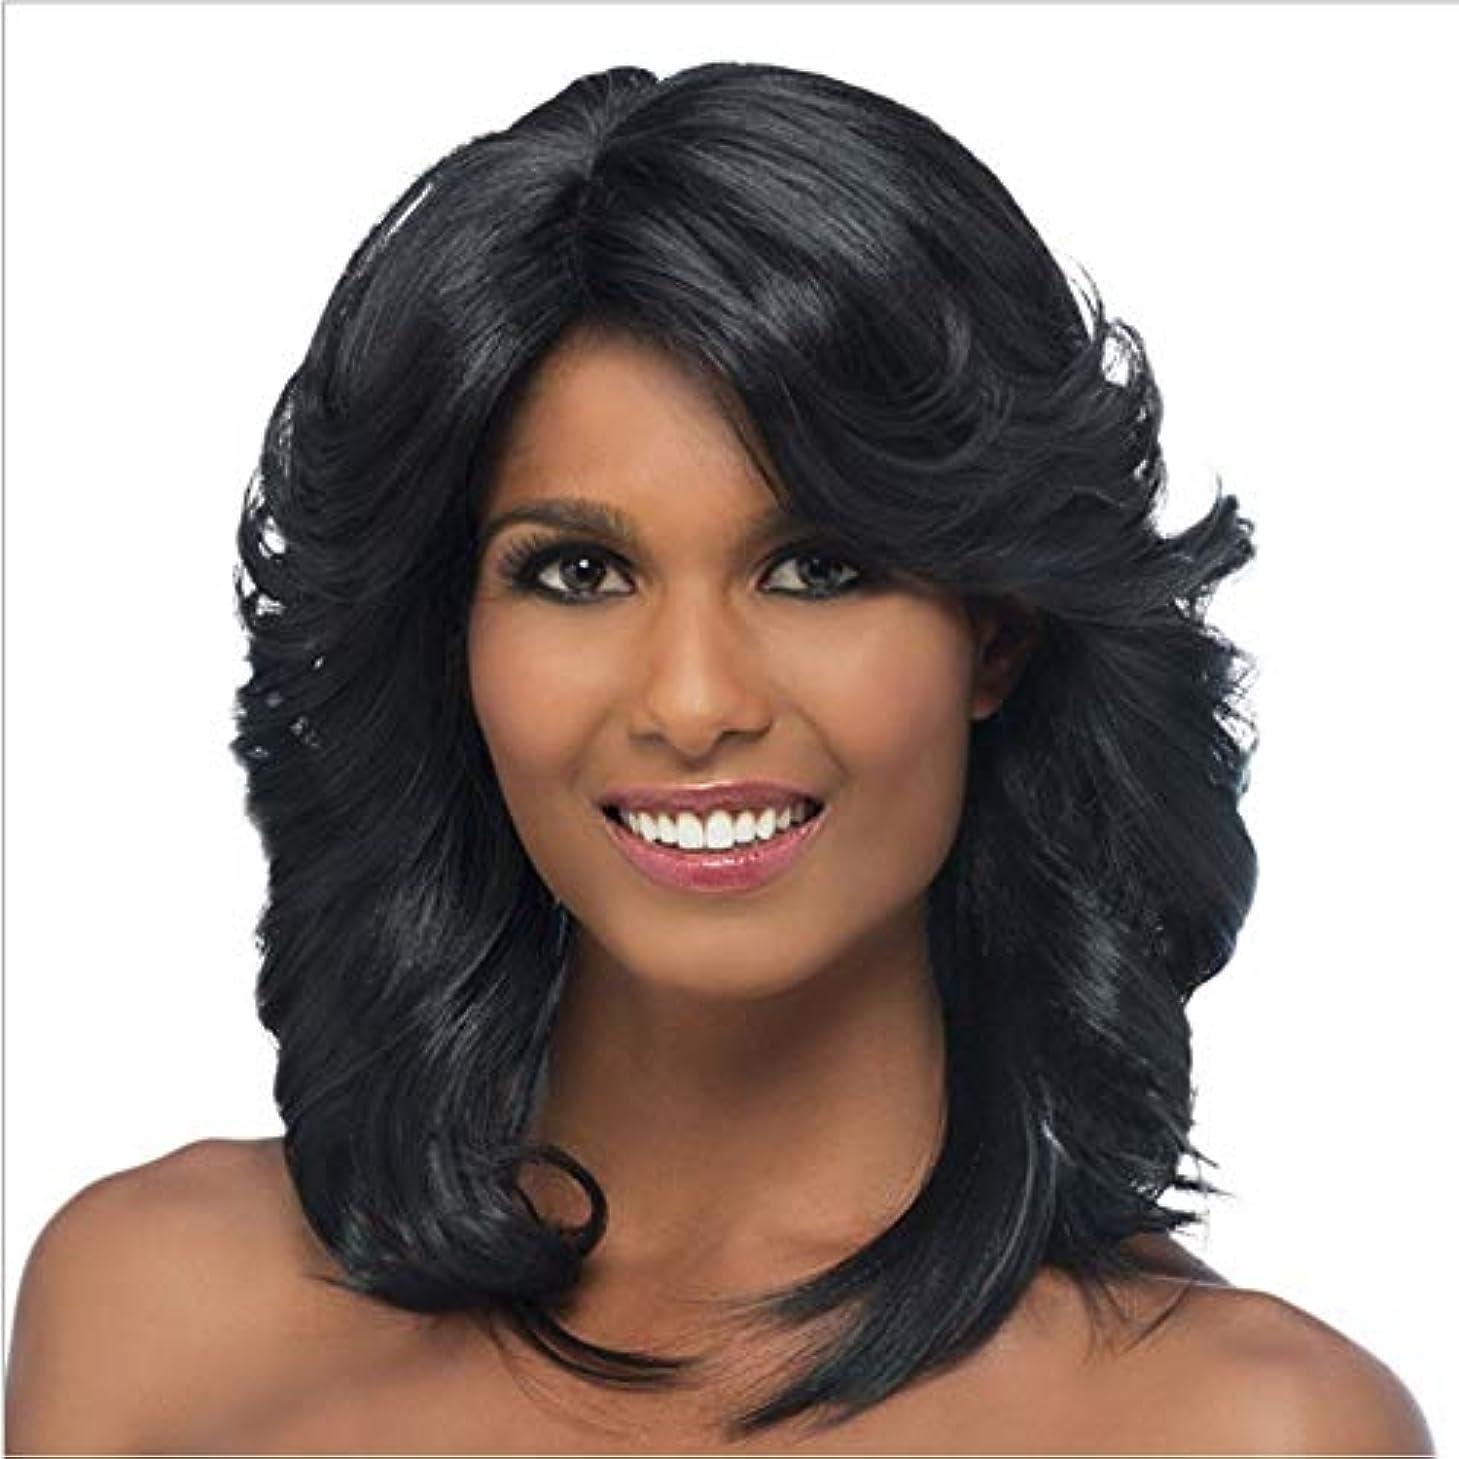 避ける生物学置換YOUQIU 女性の毎日のパーティーウィッグのための合成髪ブラックカーリーヘアショルダー長ウィッグ (色 : 黒)